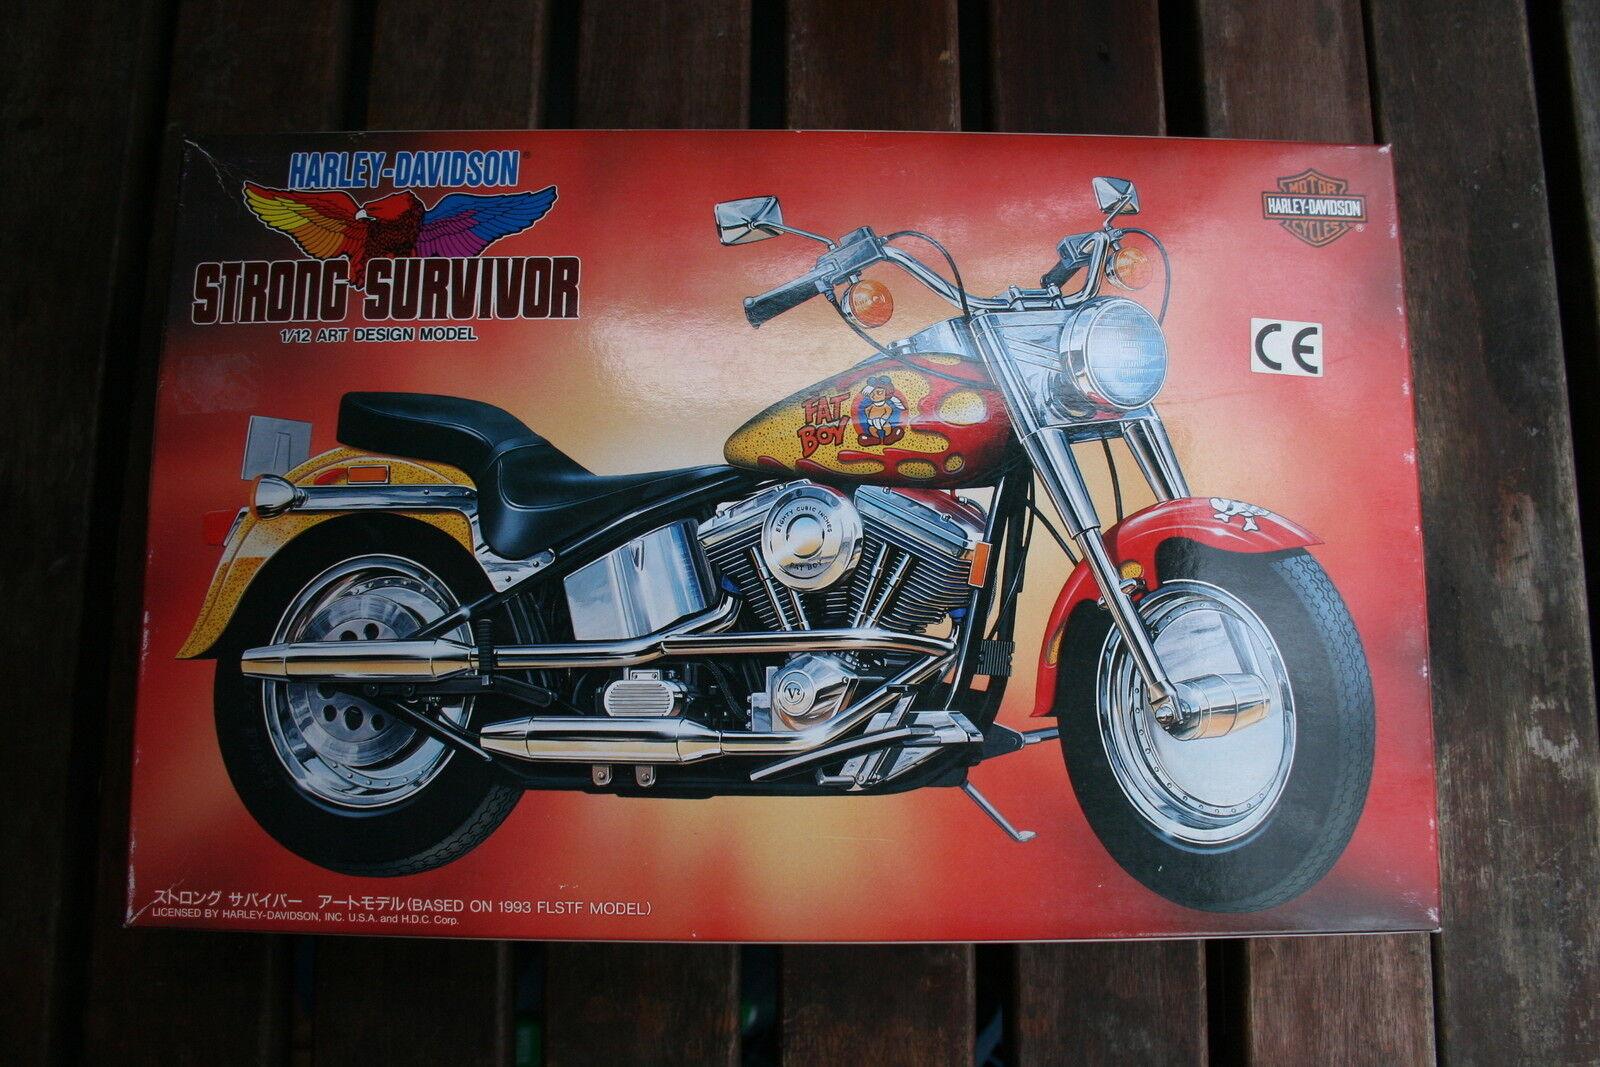 Imai Harley Davidson Fat Boy 1 12 strong Survivor-Made in Japan -